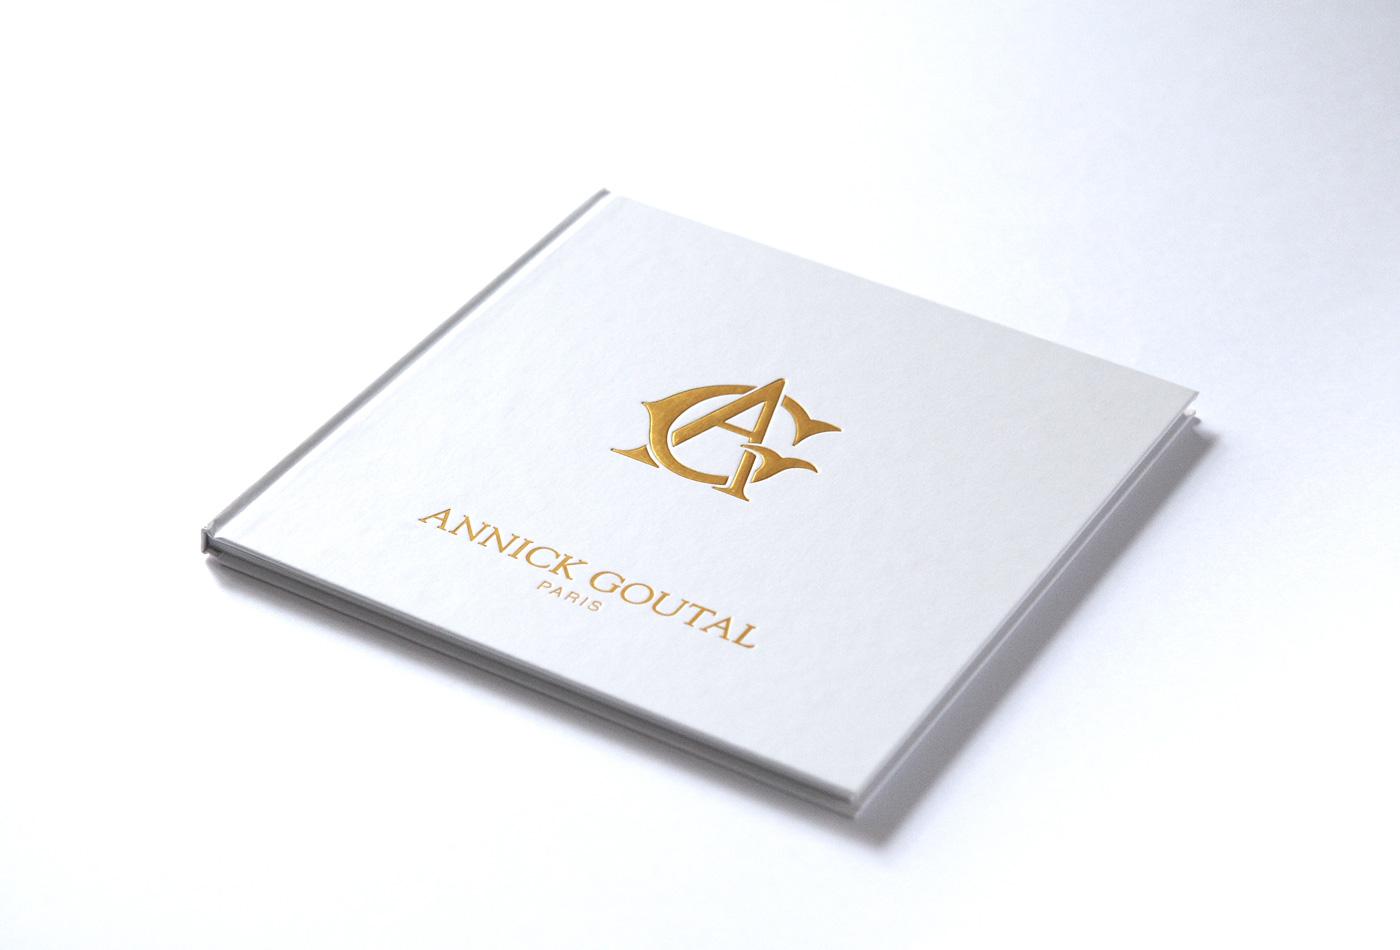 DP Annick Goutal - Un design pensé par l'agence de design de Paris Partisan du Sens.